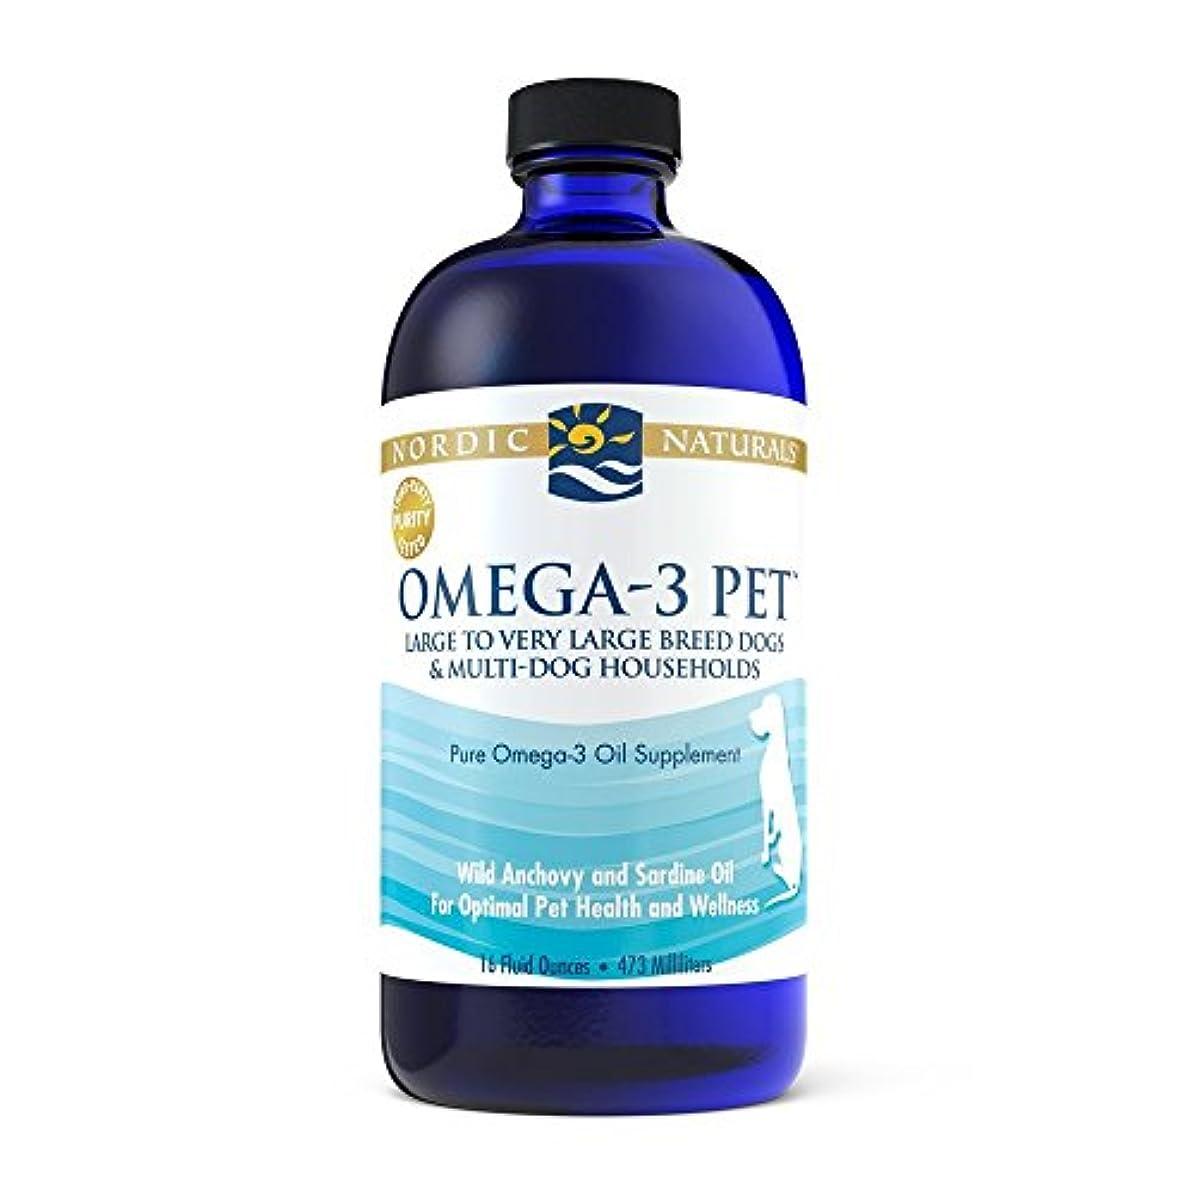 ウェブ規制するランプNordic Naturals Fish Oil OMEGA-3 Essential Fatty Acid for Dogs + Cats 16 oz 海外直送品